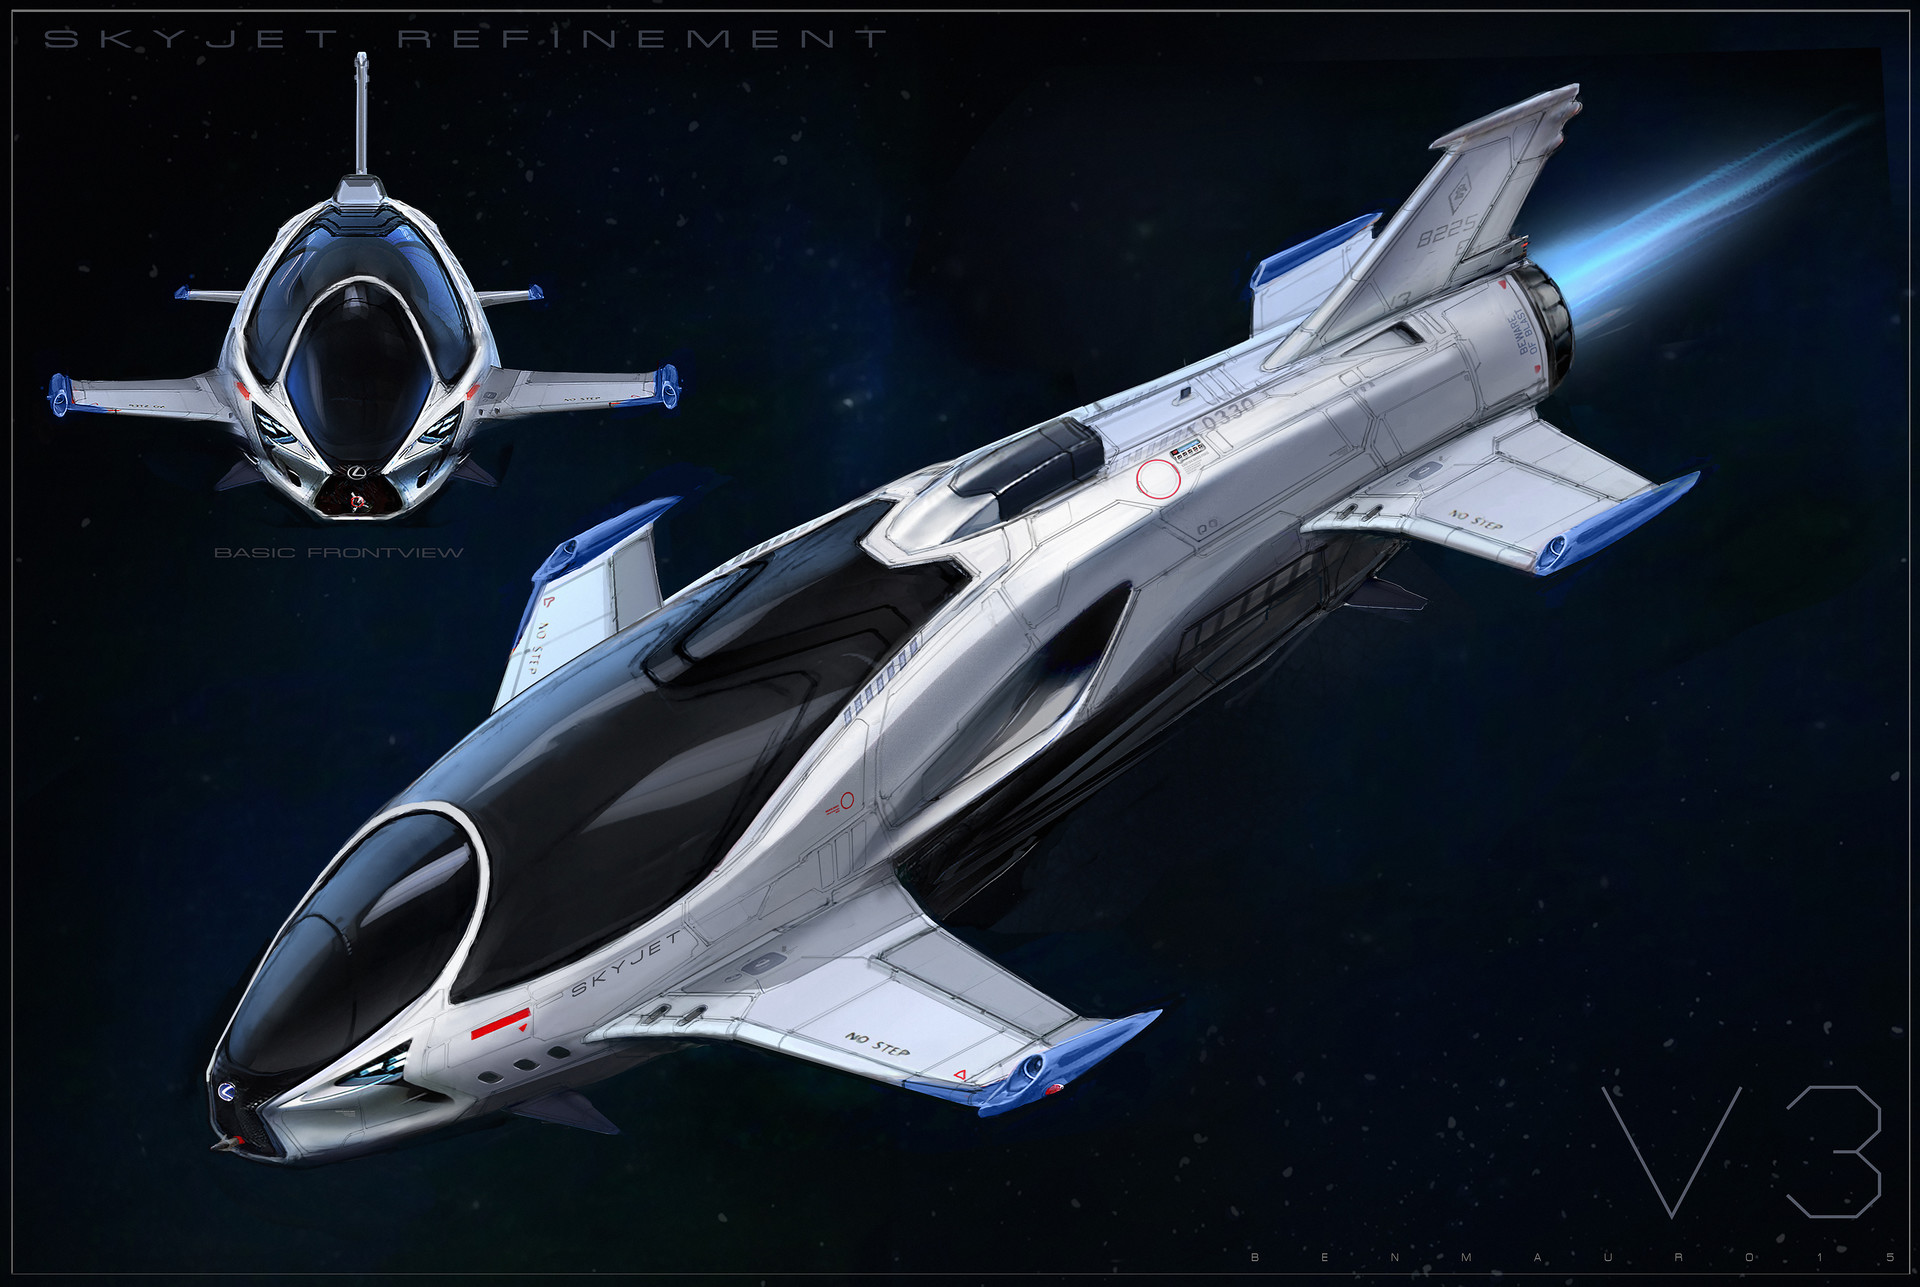 Ben mauro skyjet lexus update 03 bm copy copy